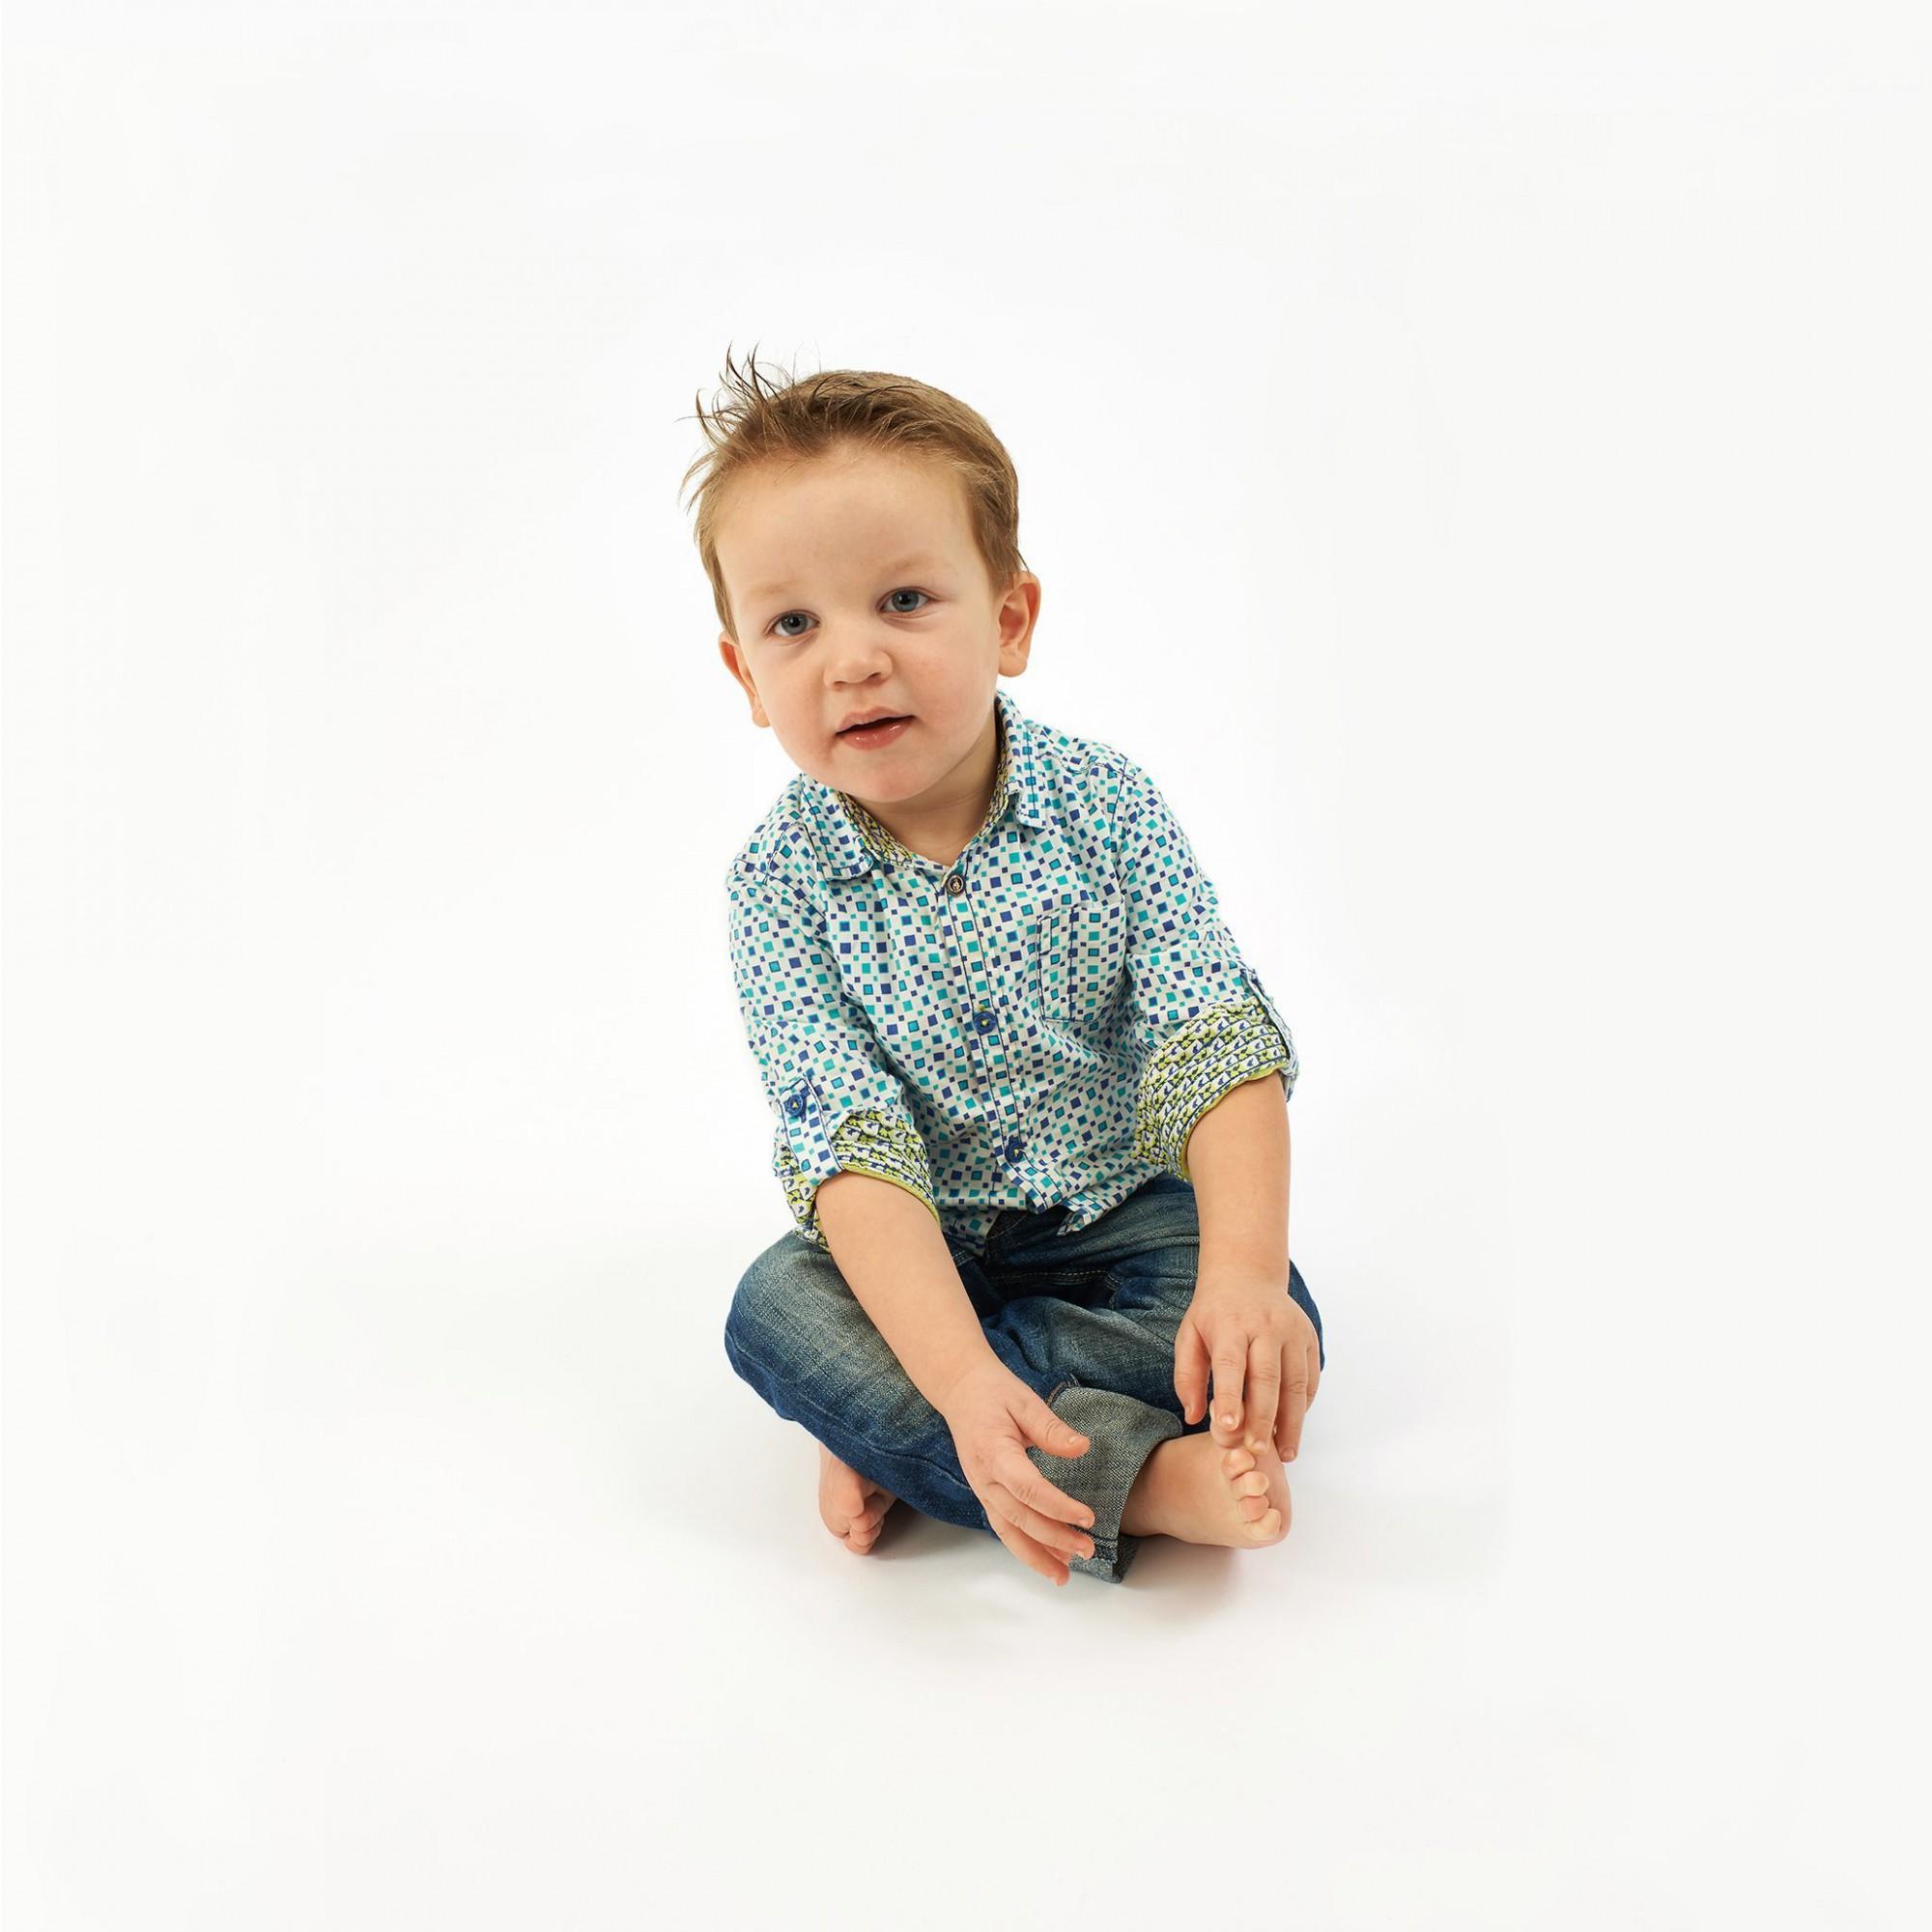 Afbeelding: Kinderportret studio, foto Van Huffel.